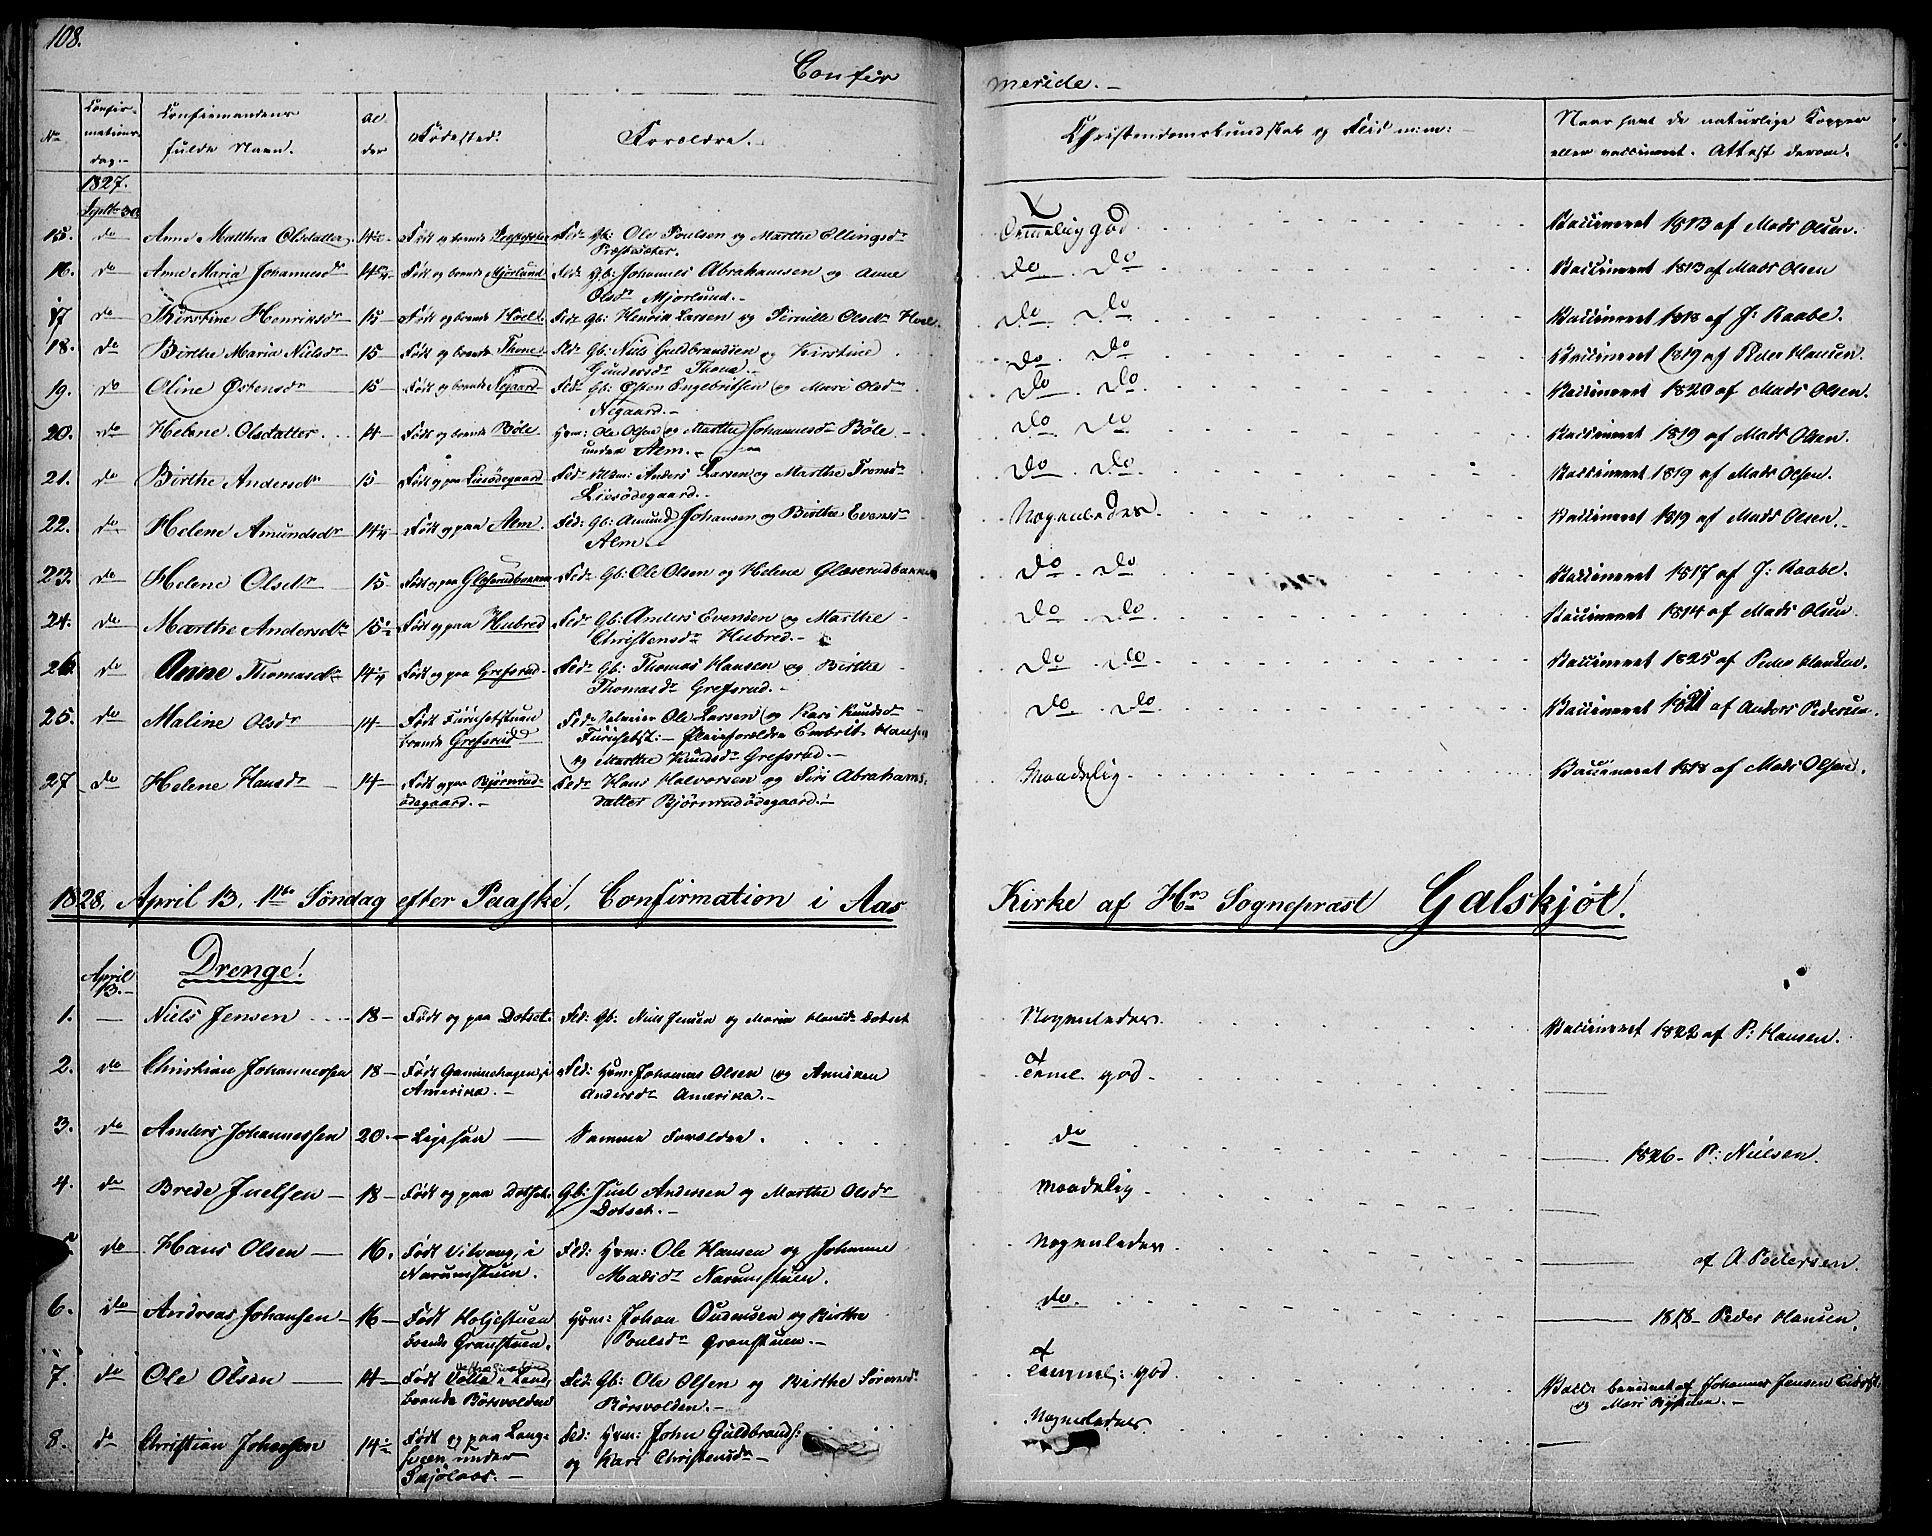 SAH, Vestre Toten prestekontor, Ministerialbok nr. 2, 1825-1837, s. 108